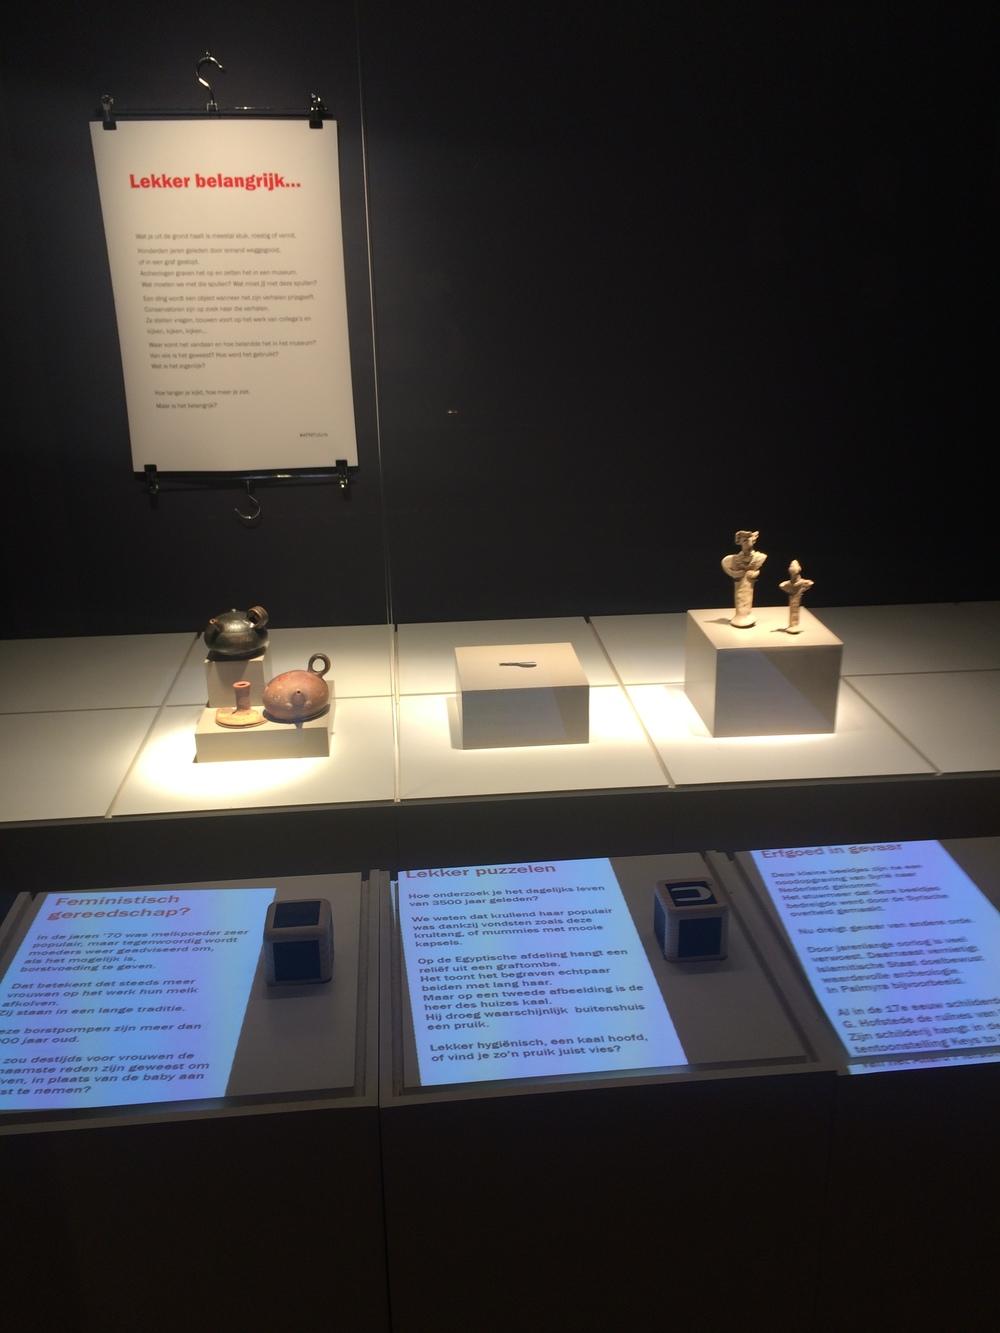 In het Digital Museum Lab wordt geëxperimenteerd met digitale toepassingen. Hier zie je drie objecten waarover je meer informatie kunt krijgen door de houten kubus neer te leggen.